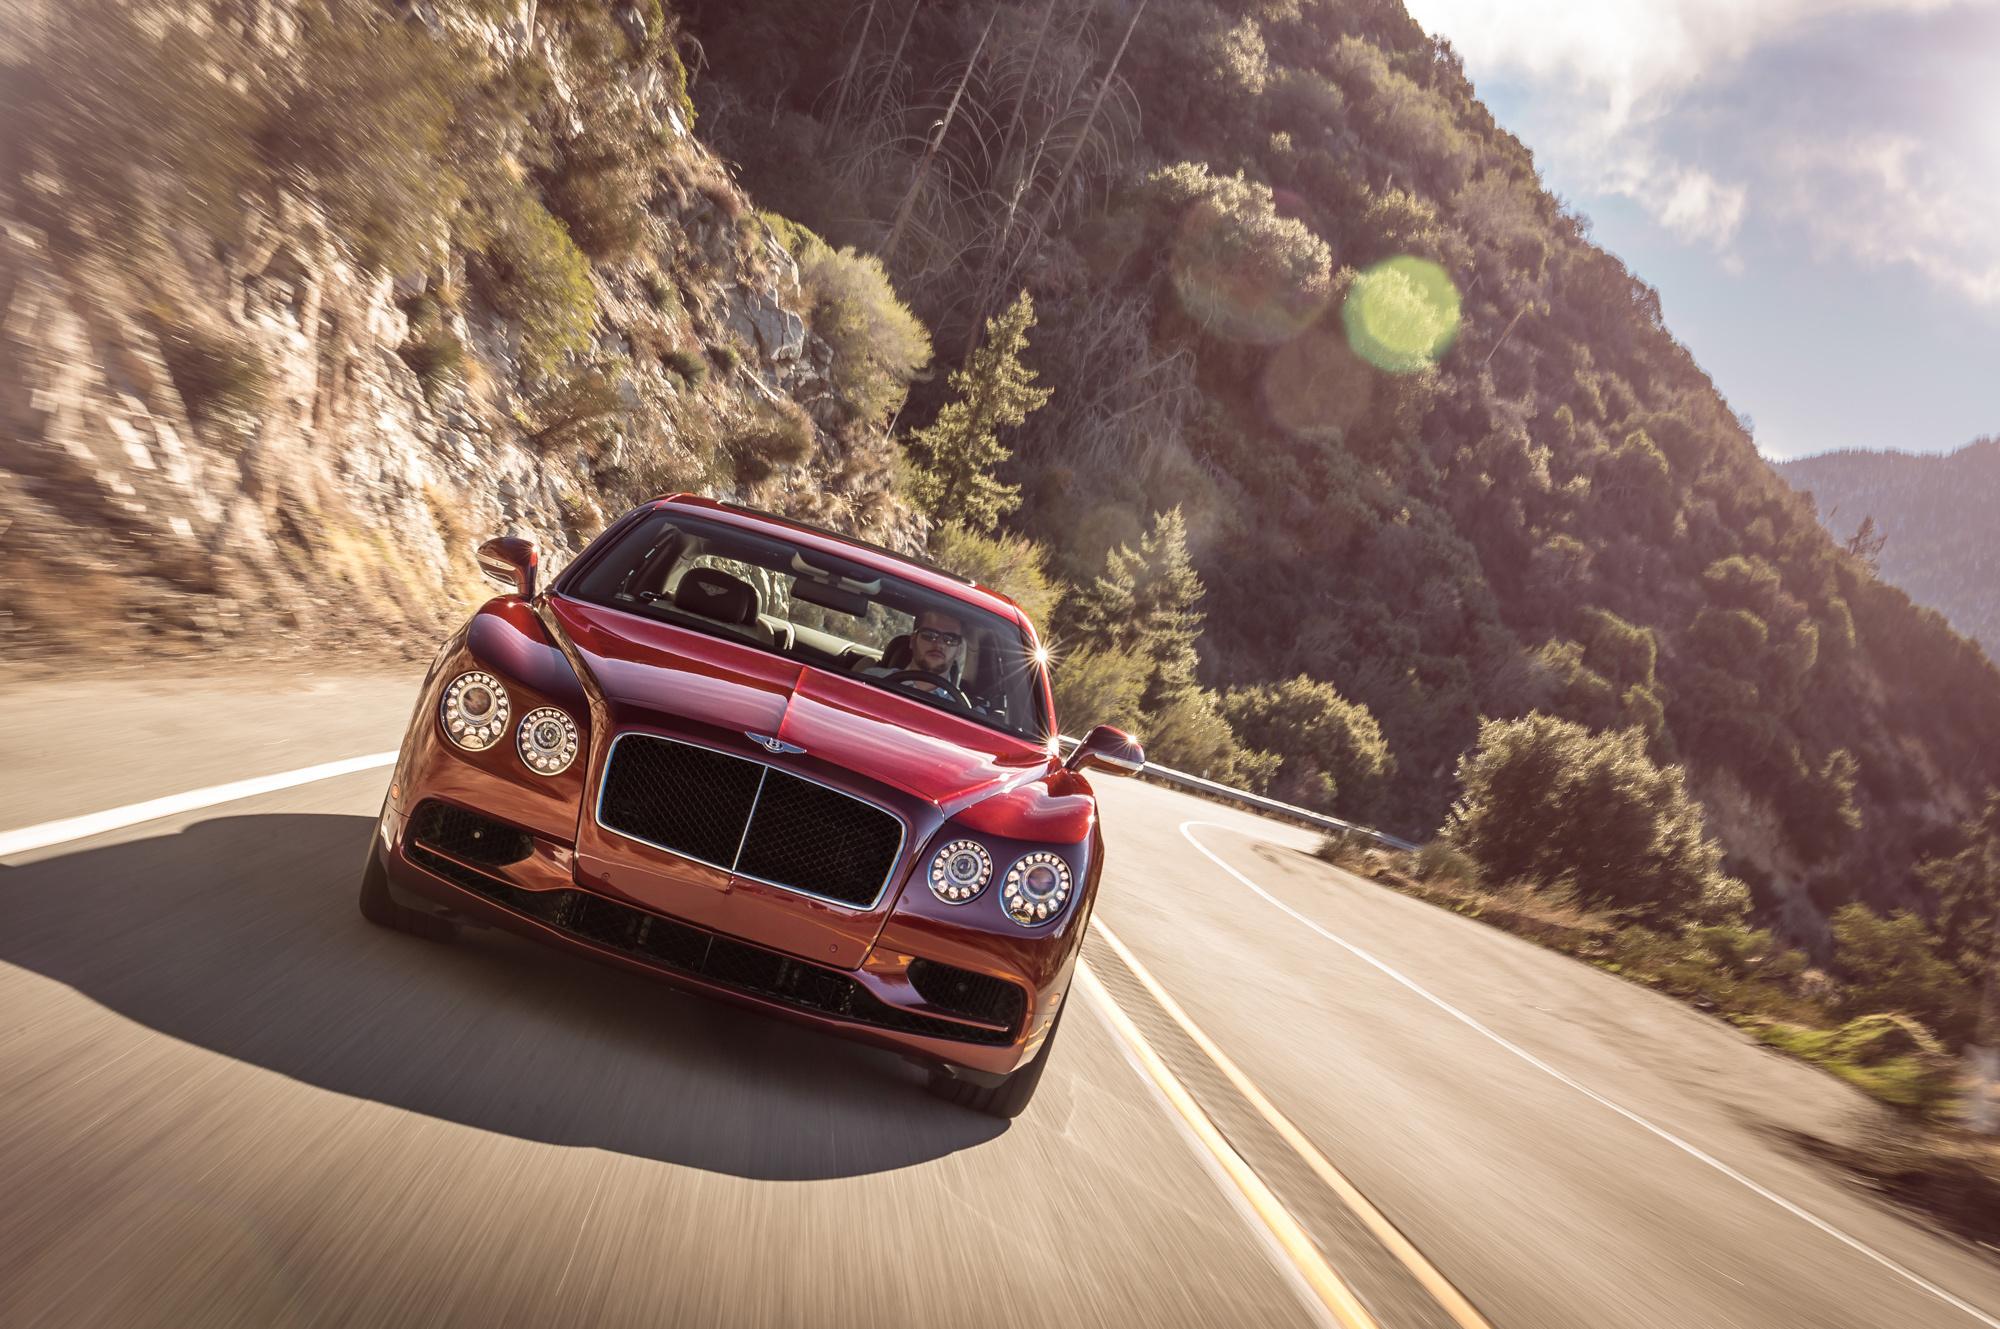 Bentley Flying Spur V8 S Wallpaper